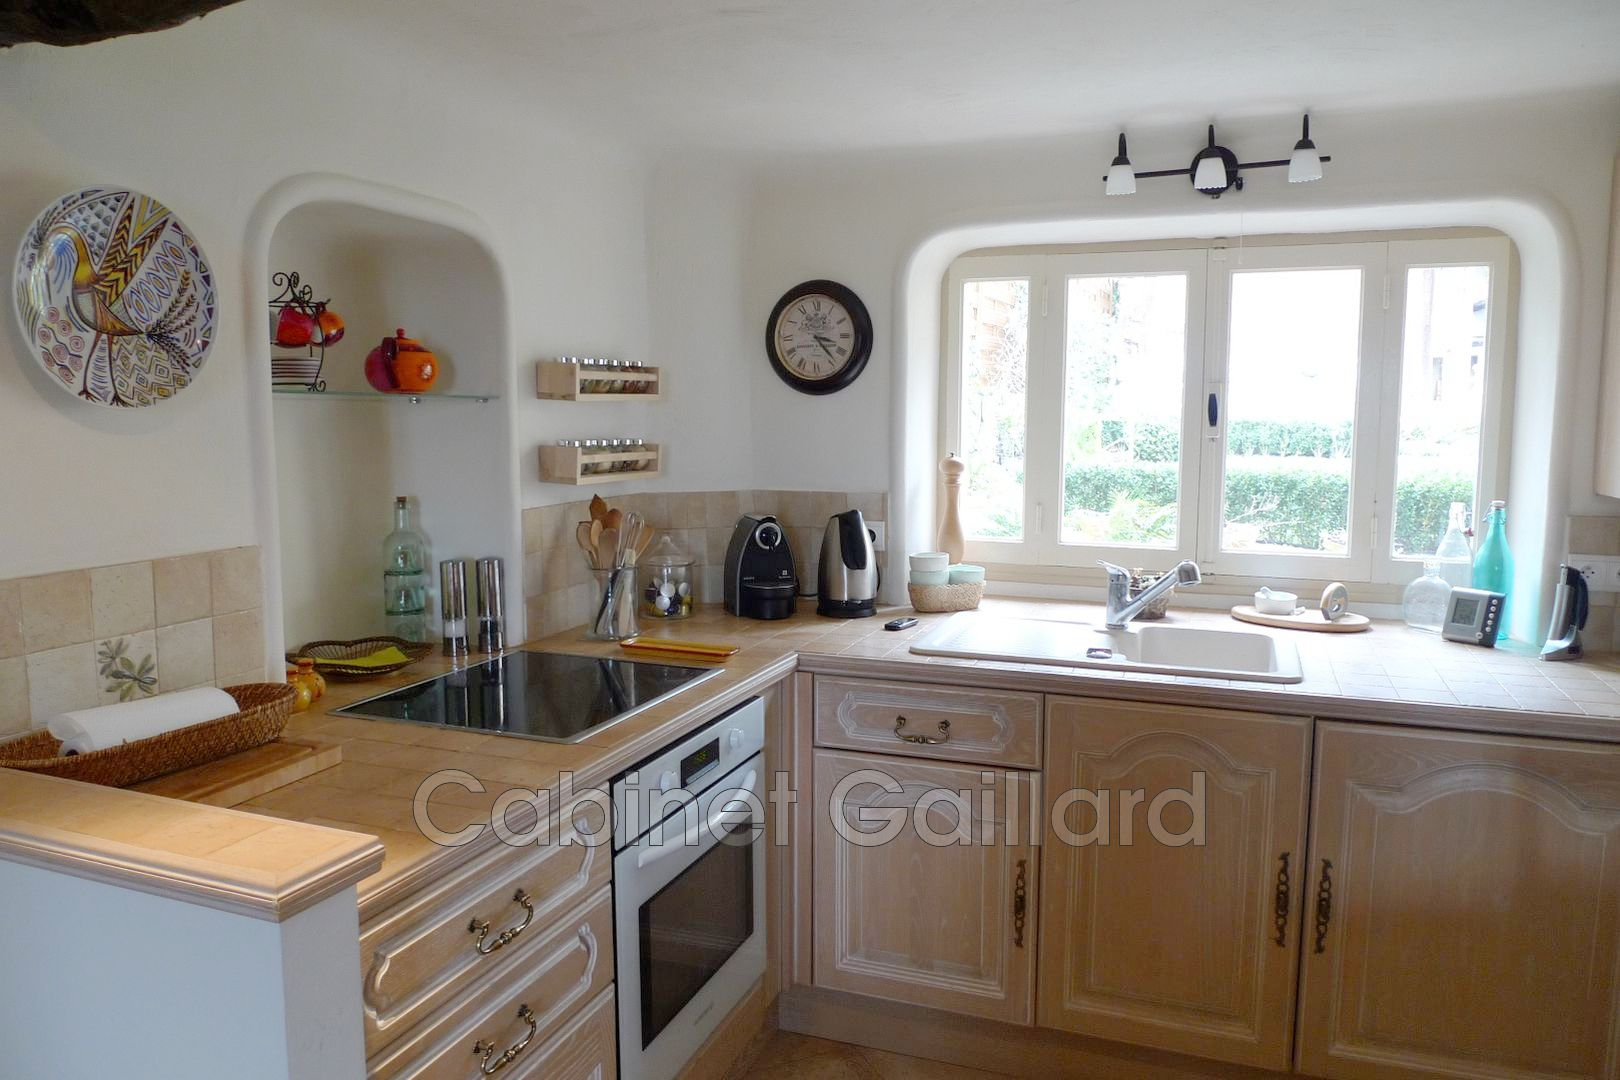 Vente maison de village peymeinade 06530 265 000 - Cabinet gaillard peymeinade ...